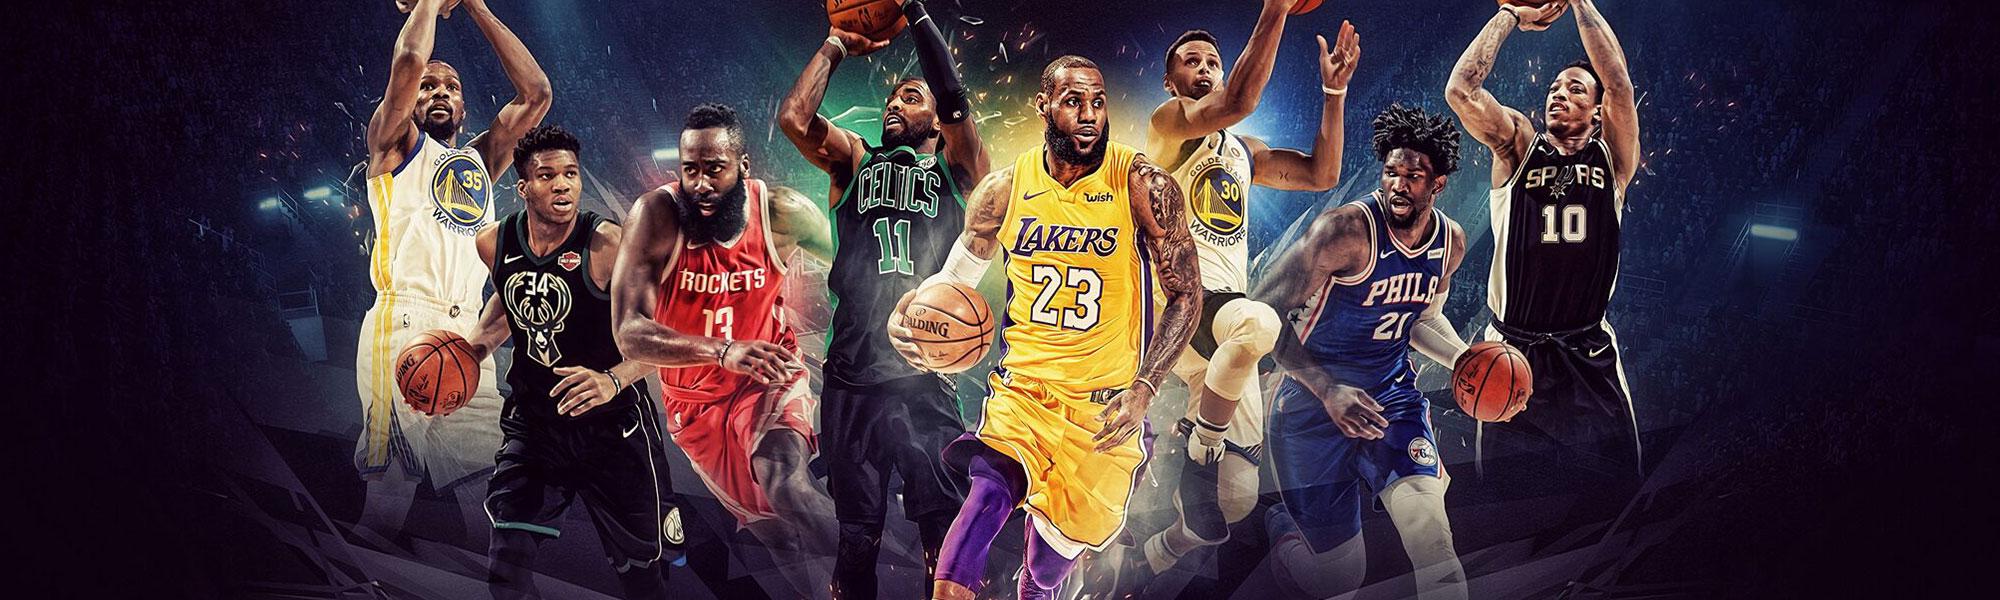 Derniers maillots de basketball, matchs de basketball, actualités sur les transferts de basketteurs